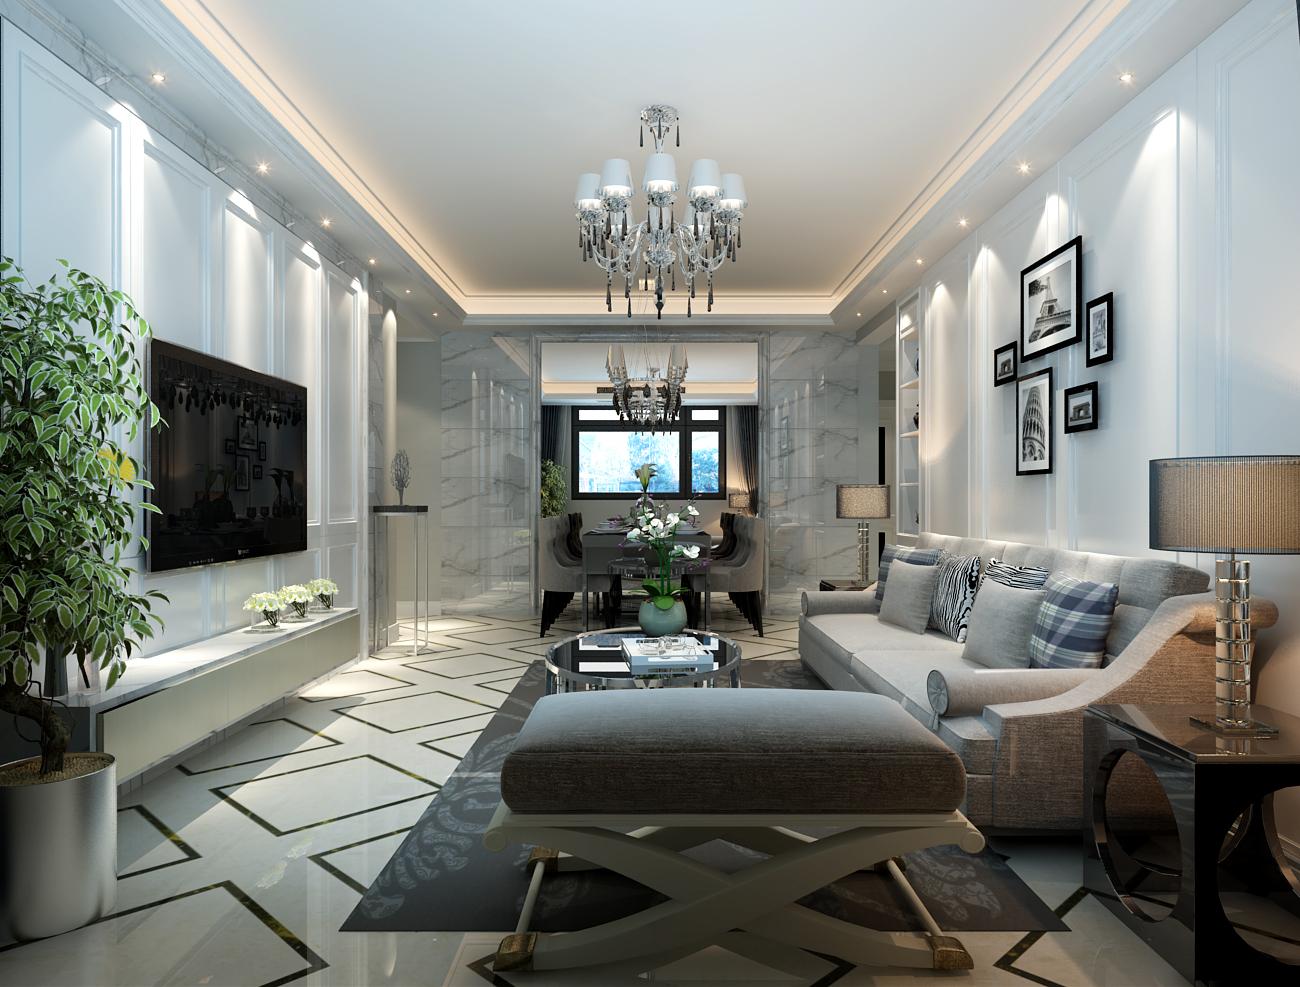 二居 简约 客厅图片来自乐豪斯装饰张洪博在盛益华苑现代素雅主义的分享